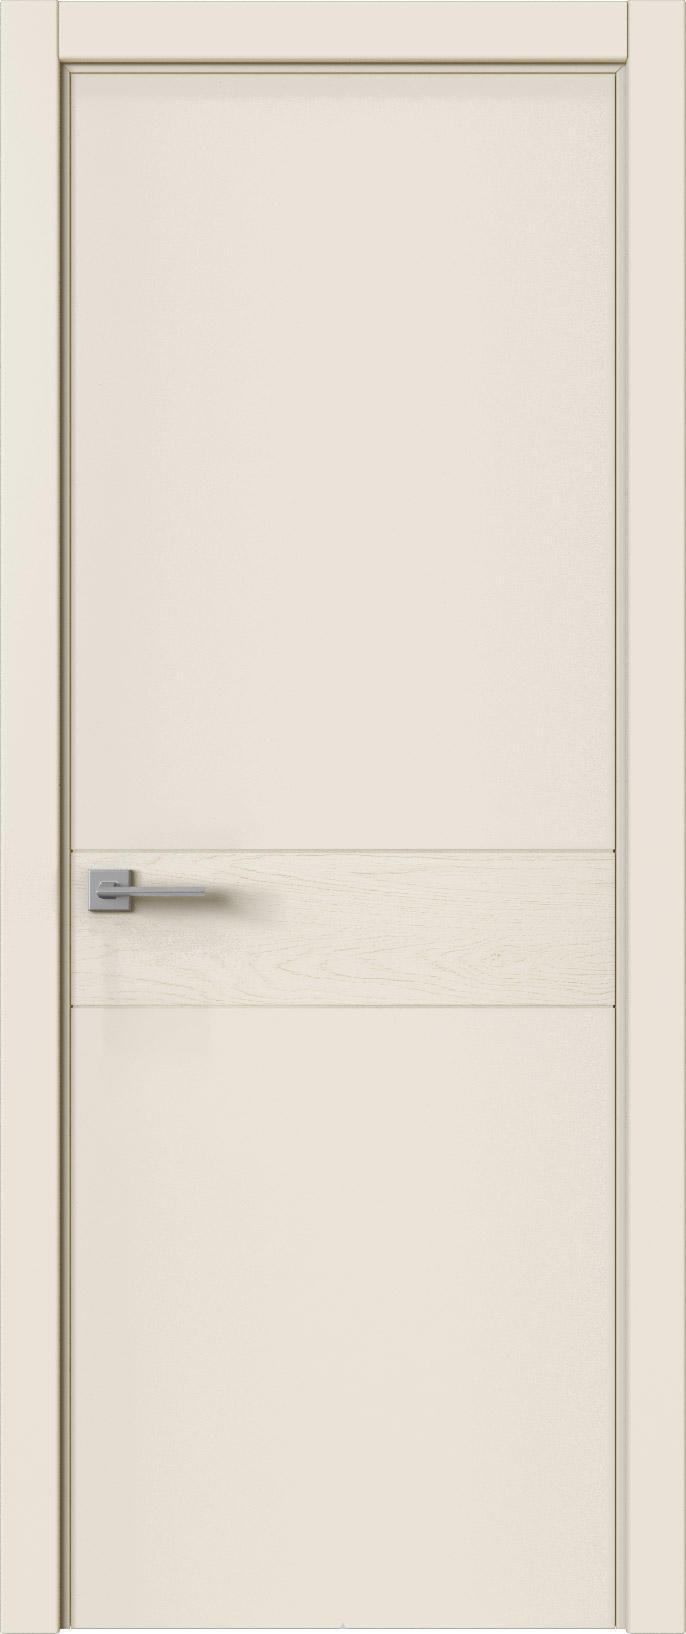 Tivoli И-2 цвет - Жемчужная эмаль-эмаль по шпону (RAL 1013) Без стекла (ДГ)